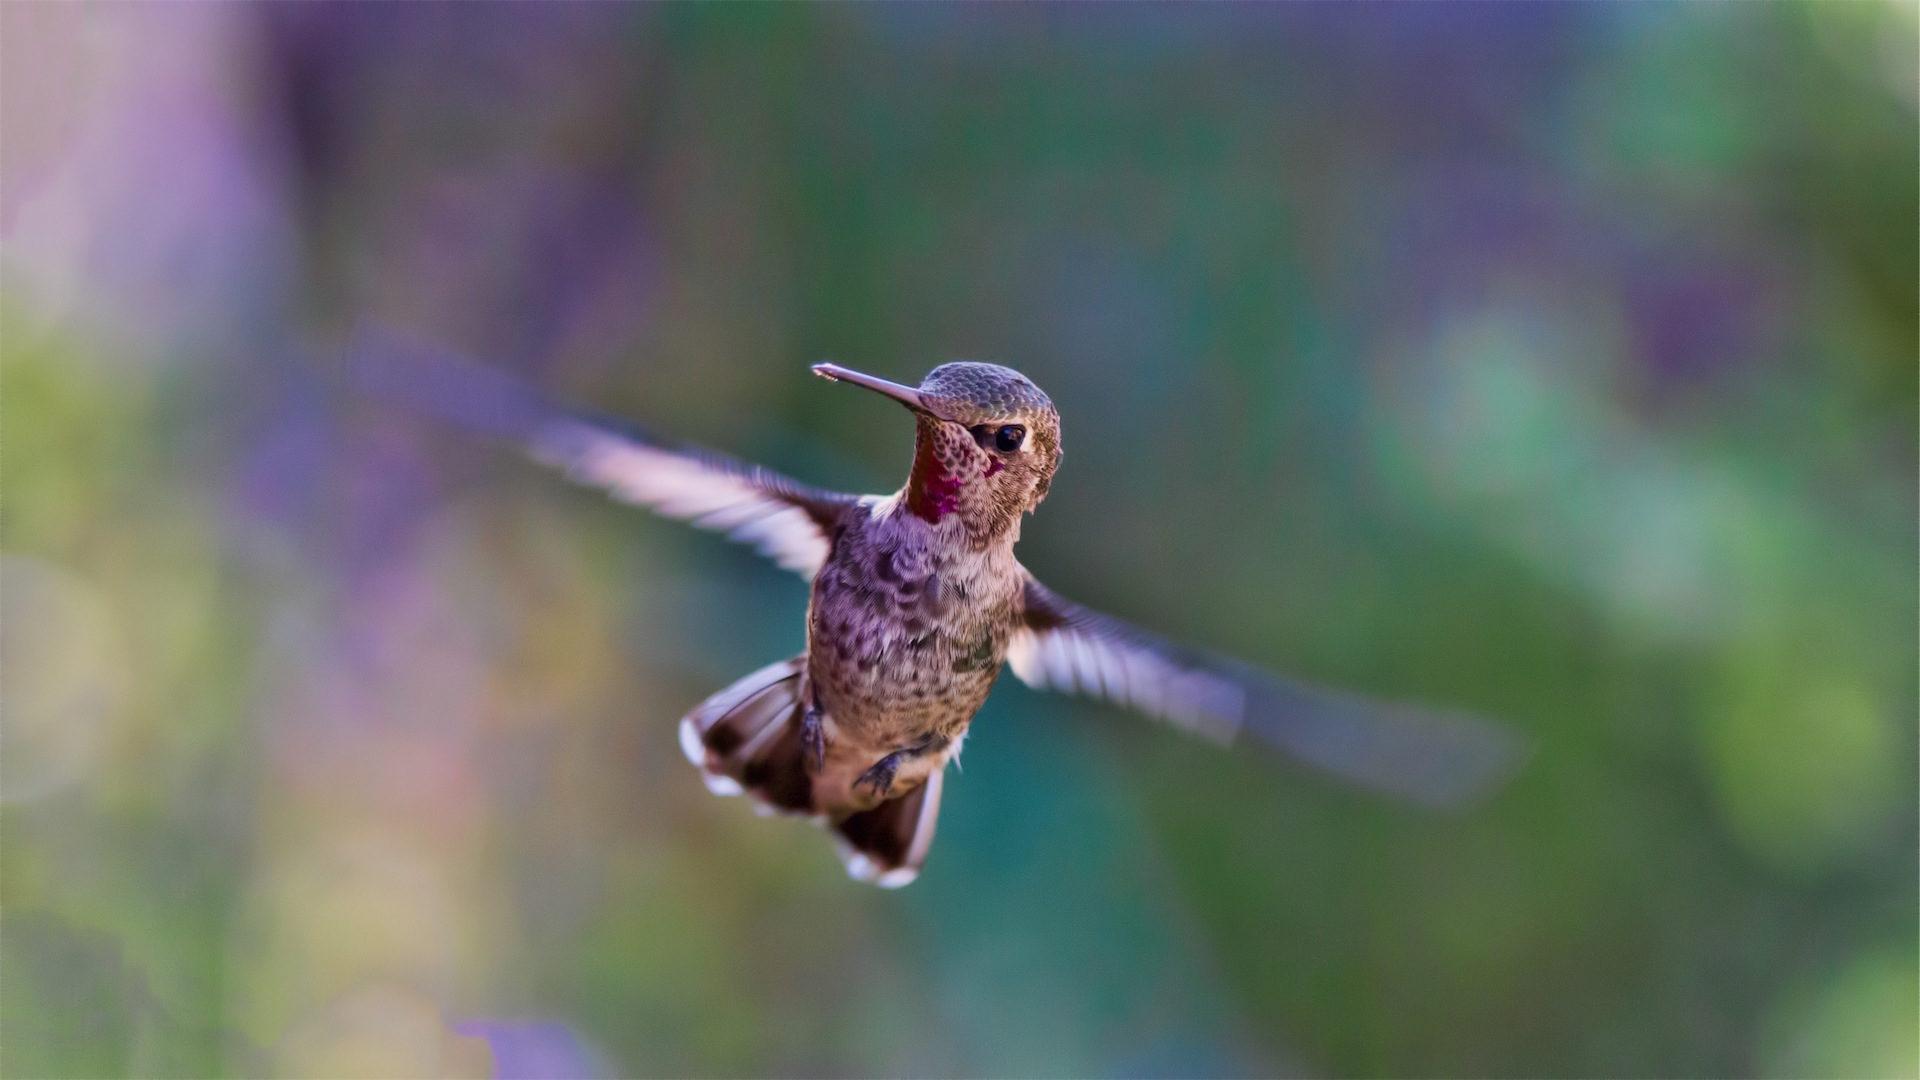 蜂鸟, 翅膀, 鸟, 飞, 鲨鱼鳍 - 高清壁纸 - 教授-falken.com